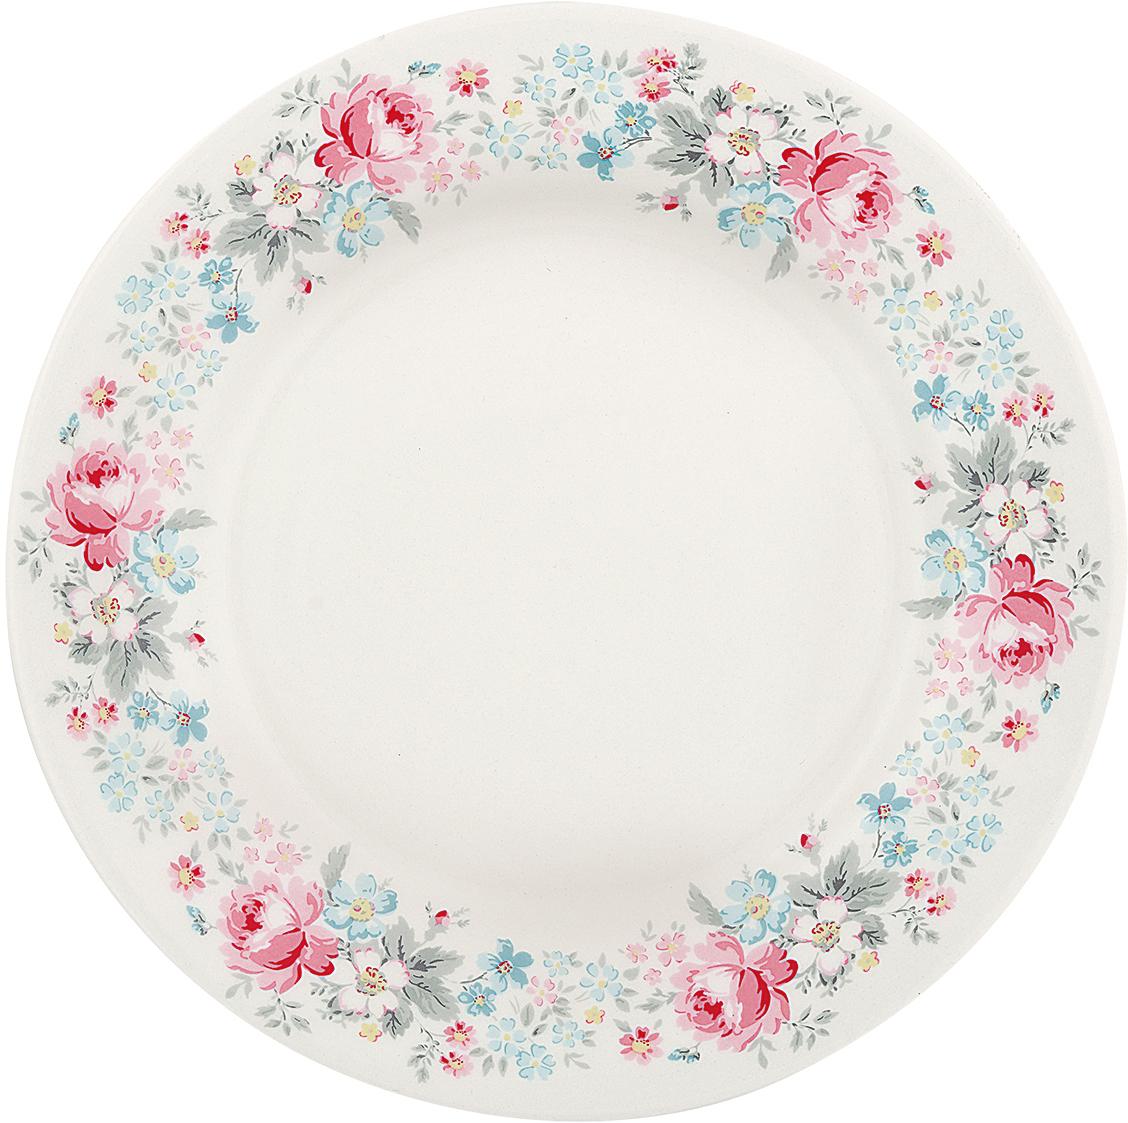 Тарелка Marie pale grey, диаметр 20,5 смSTWPLAMAR8506GreenGate- это широко известная во всем мире компания, которая с 2001 года производит потрясающую по красотеколлекционнуюфарфоровую посуду.